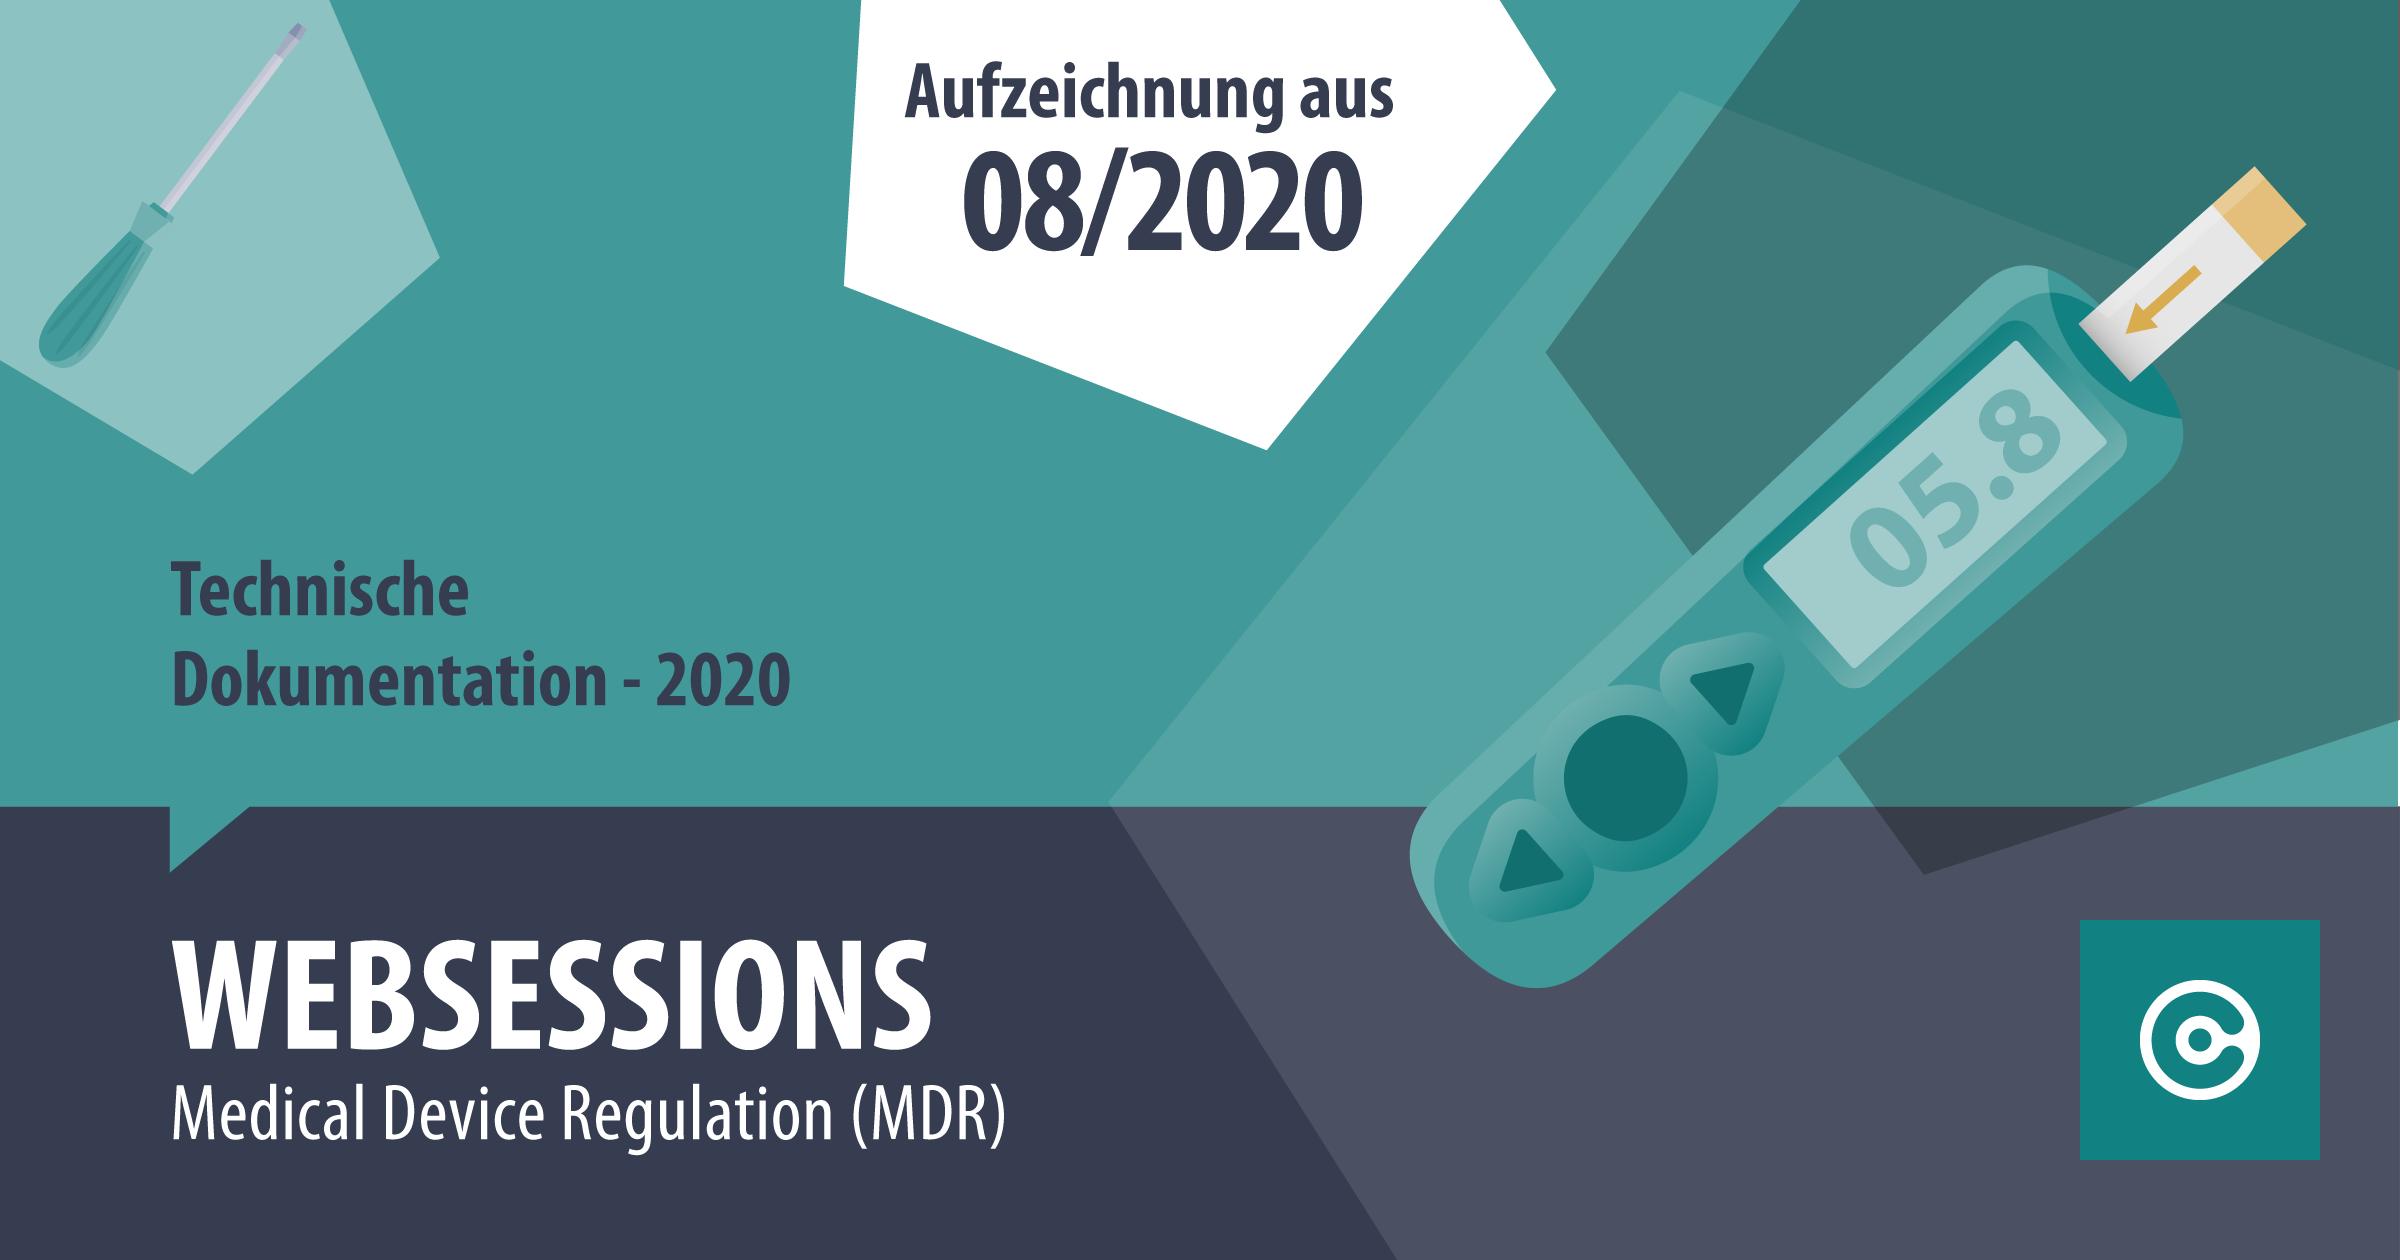 Technische Dokumentation Websession 2020